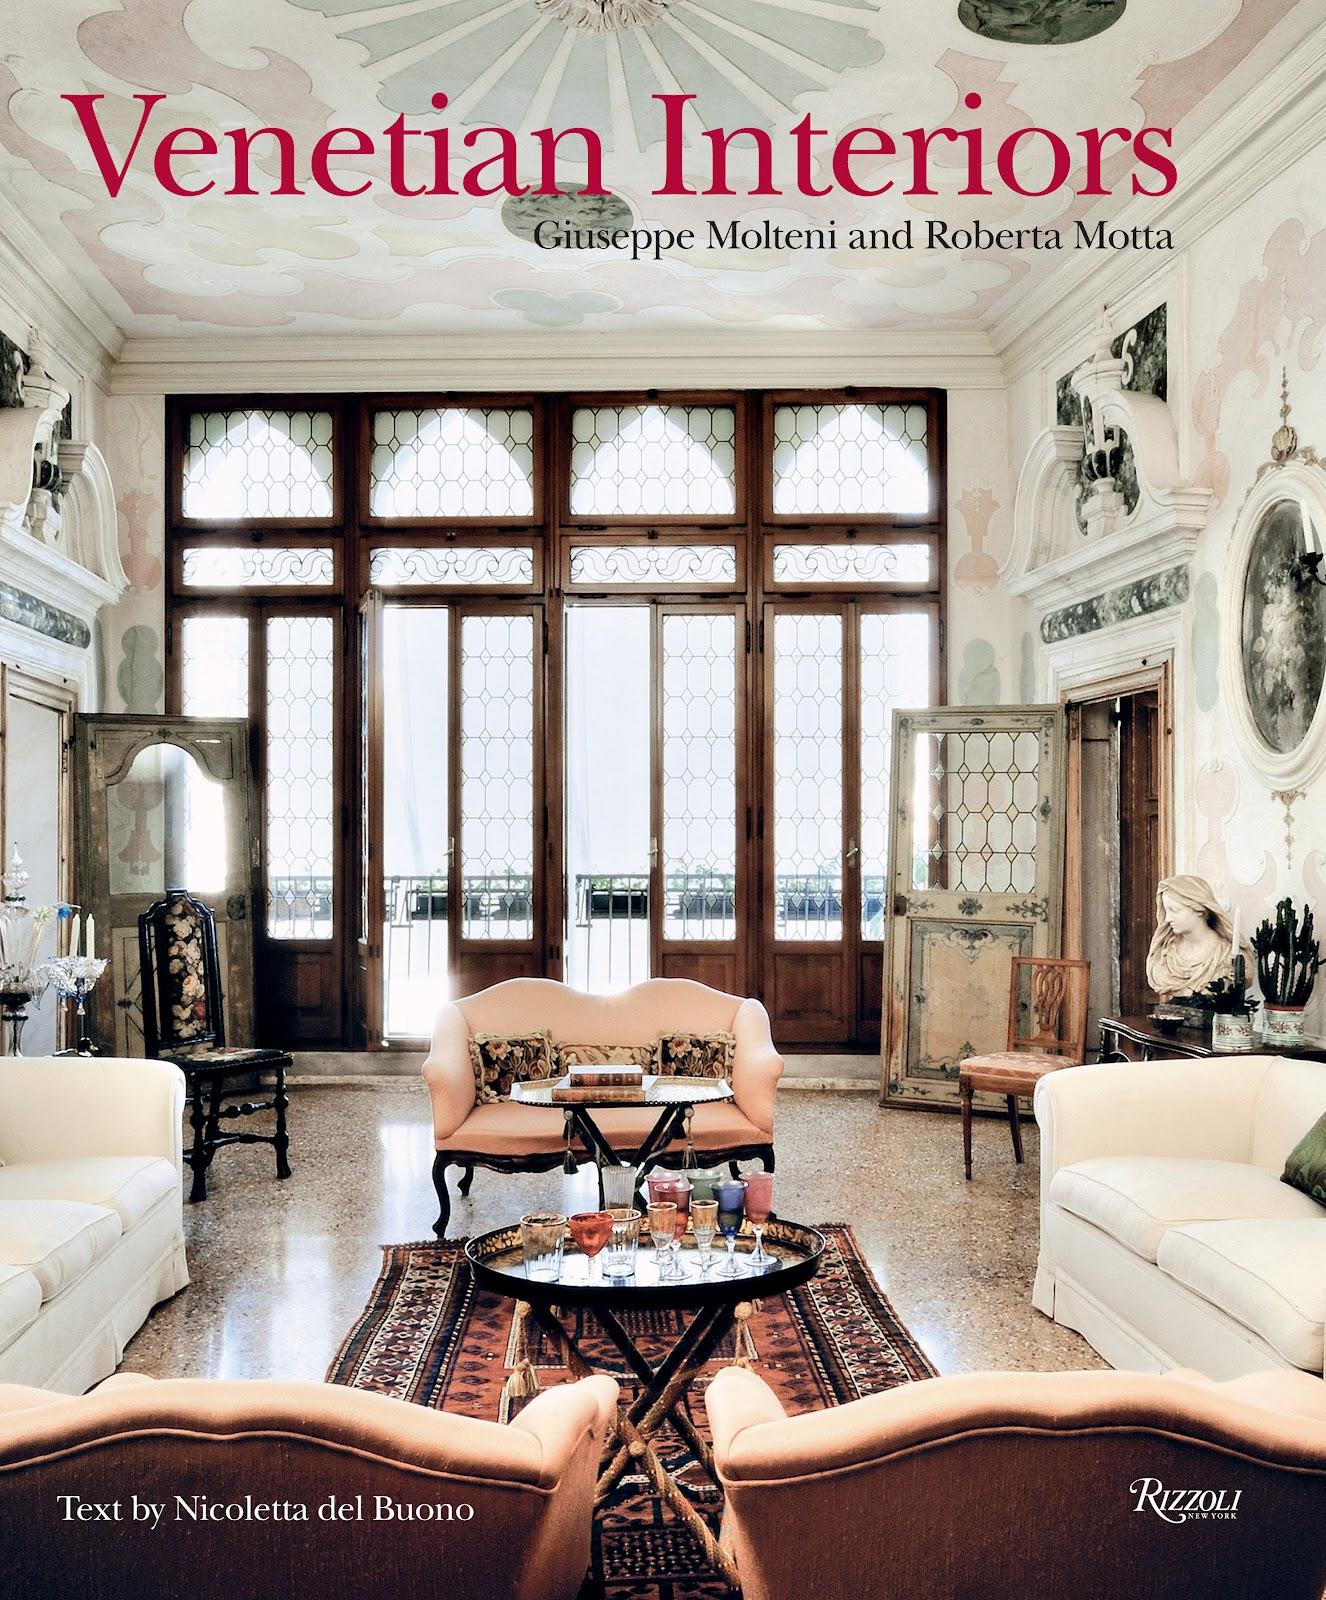 Home Interior Design: What's Up! Trouvaillesdujour: Venetian Interiors